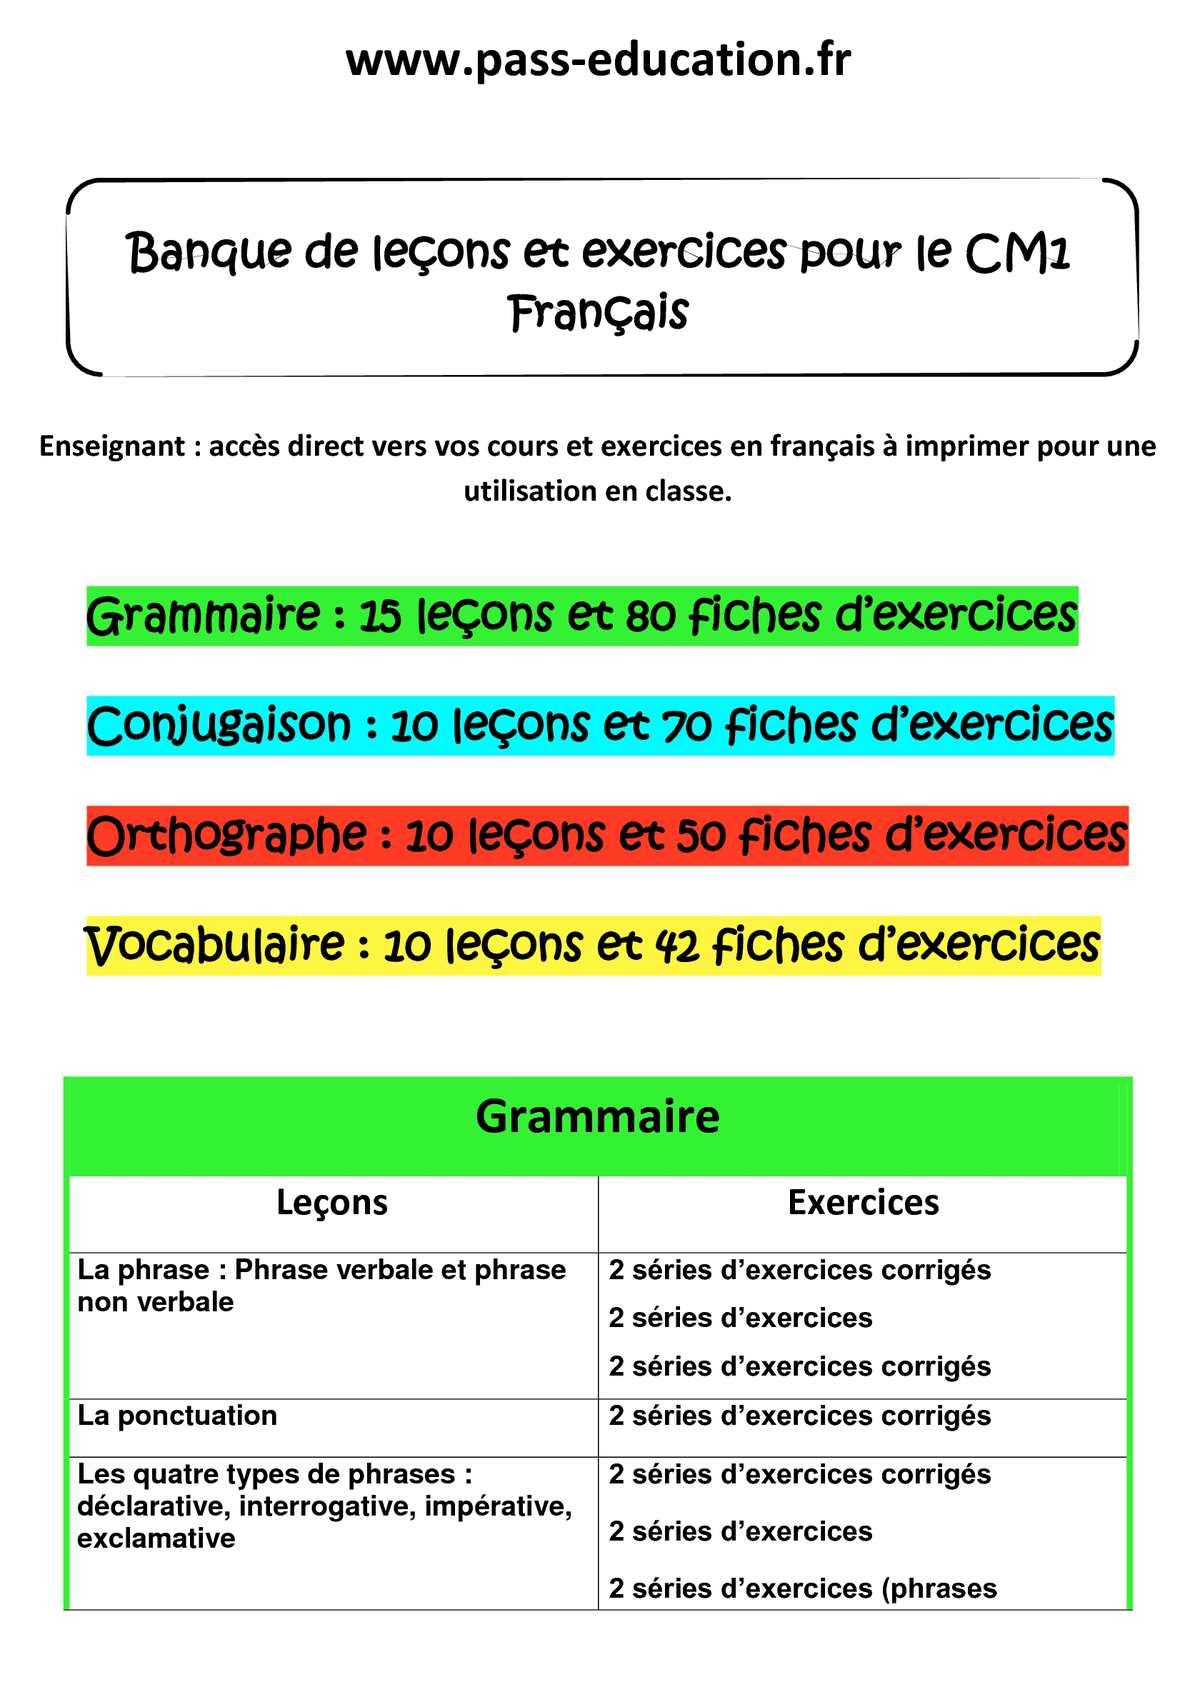 Calaméo - CM1 Français - Banque de leçons et exercices